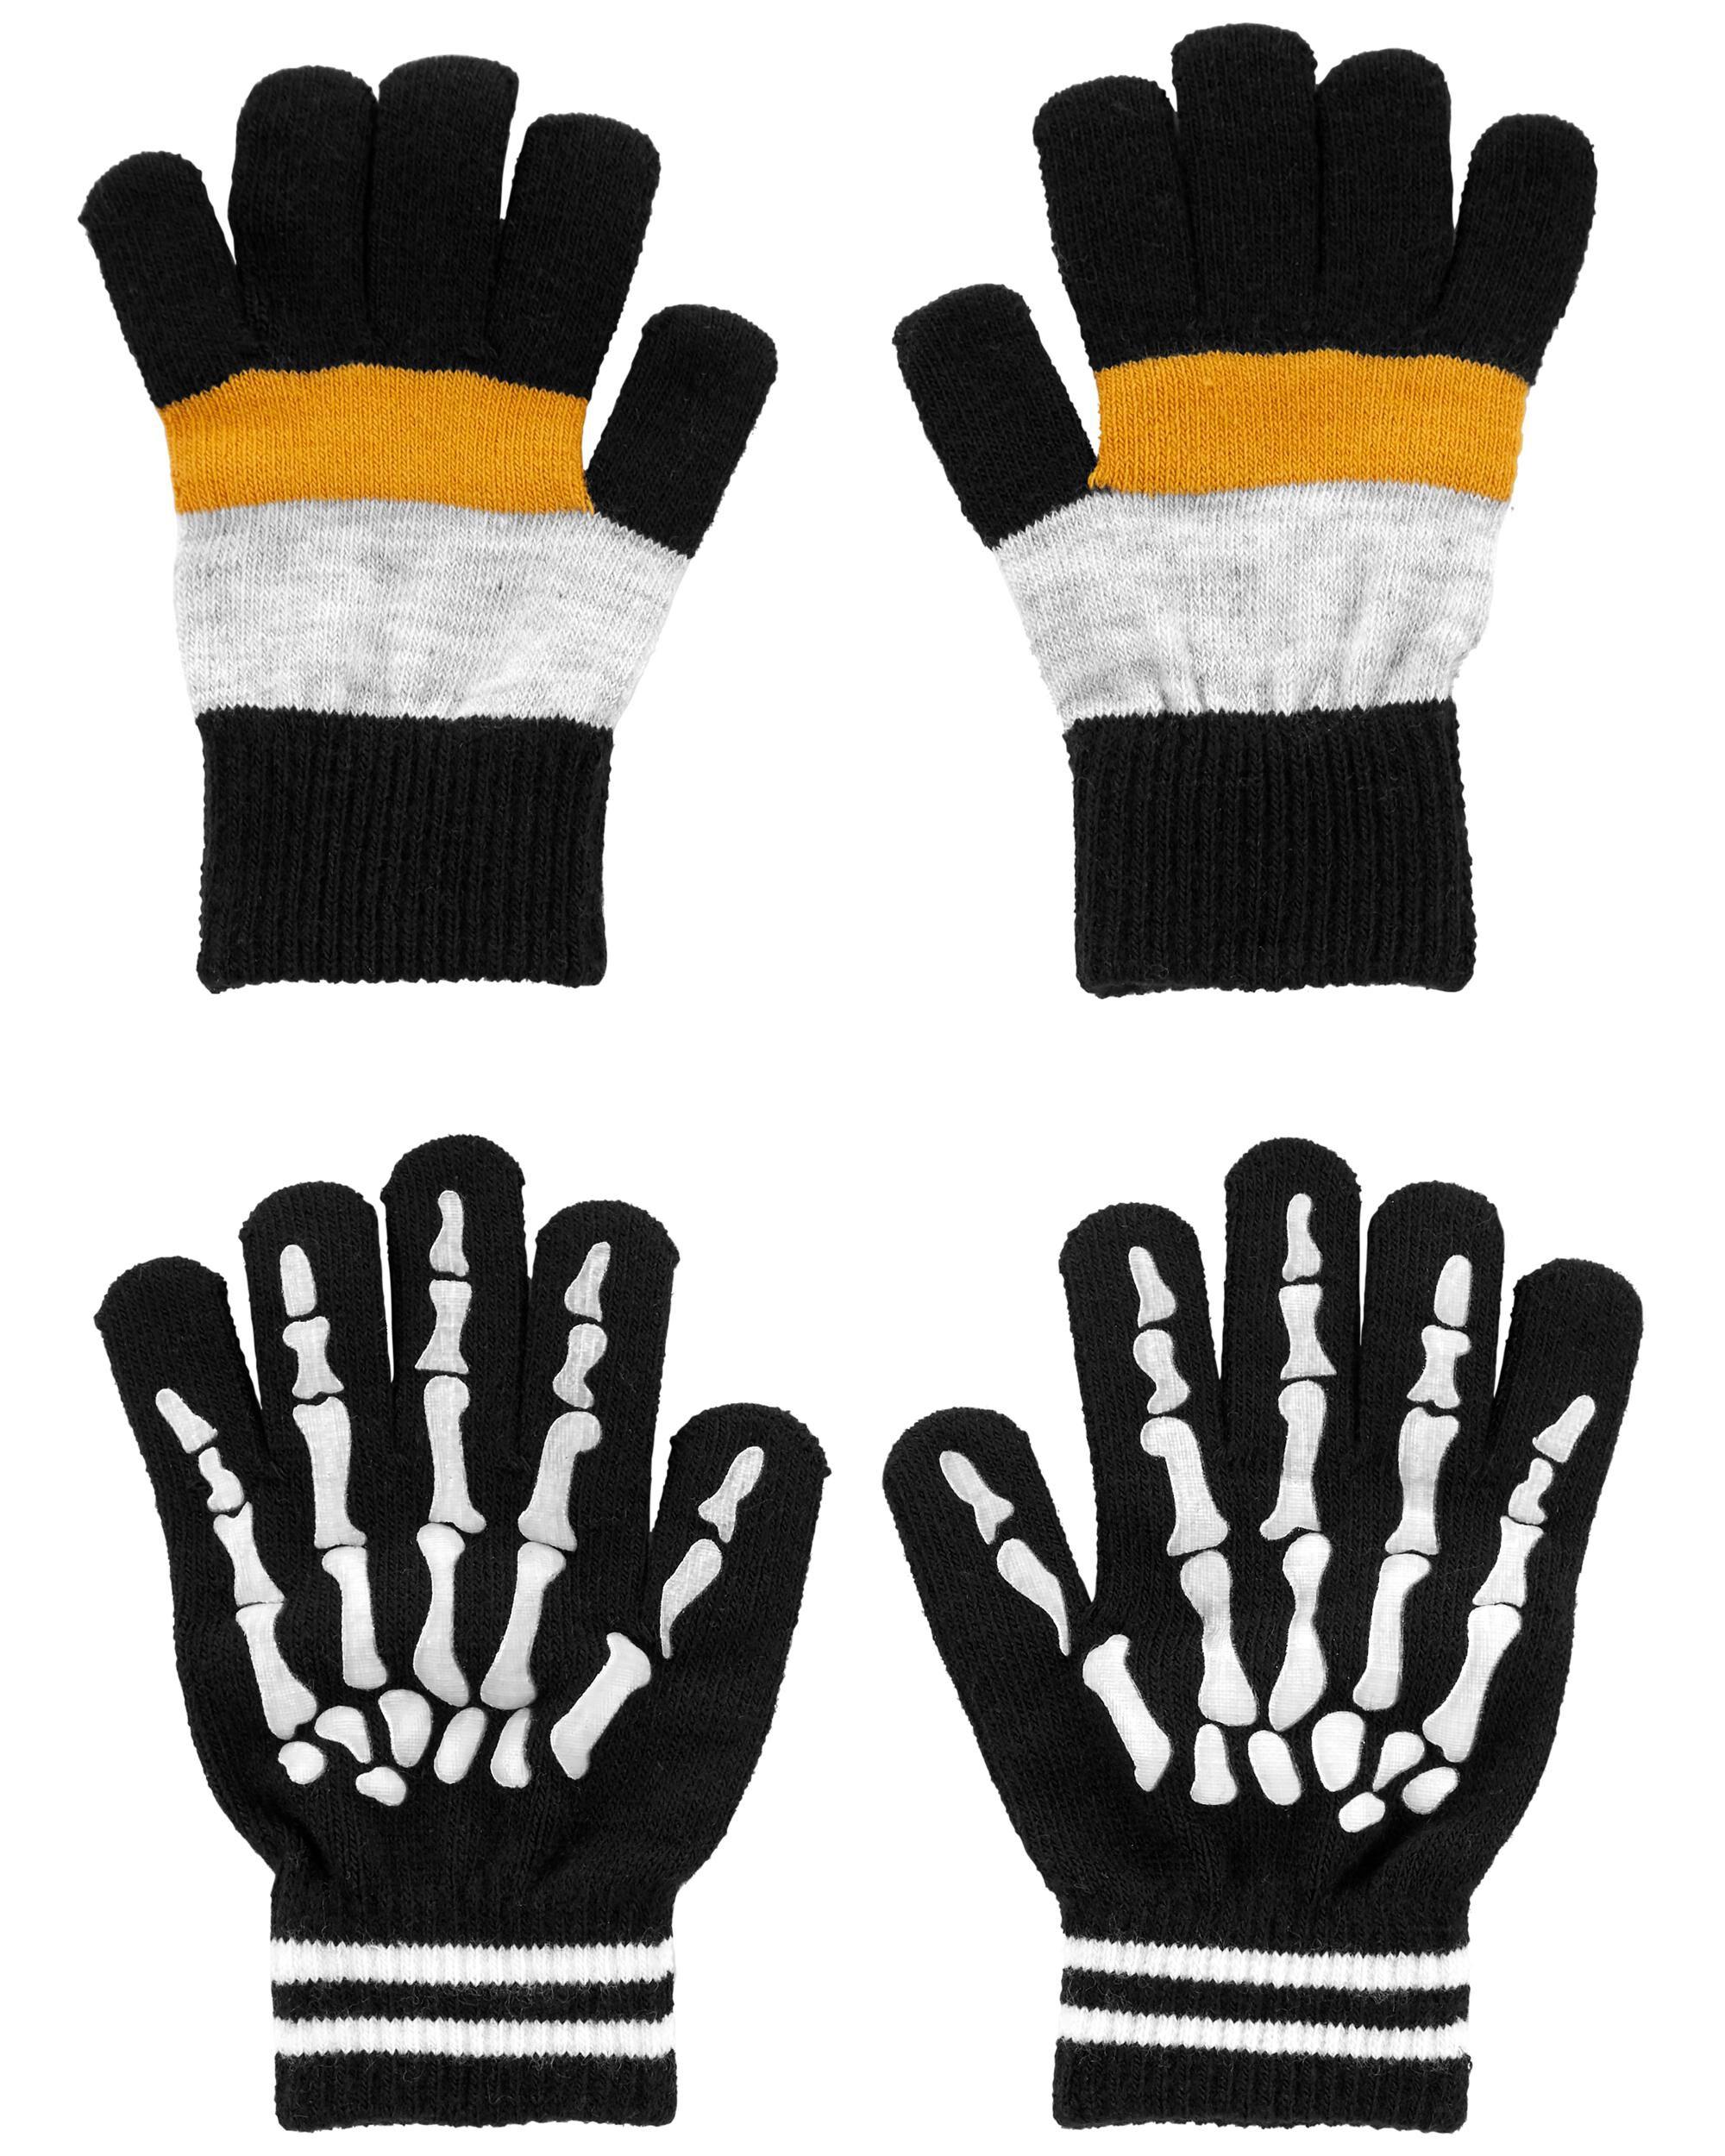 *DOORBUSTER*2-Pack Glow Gripper Gloves